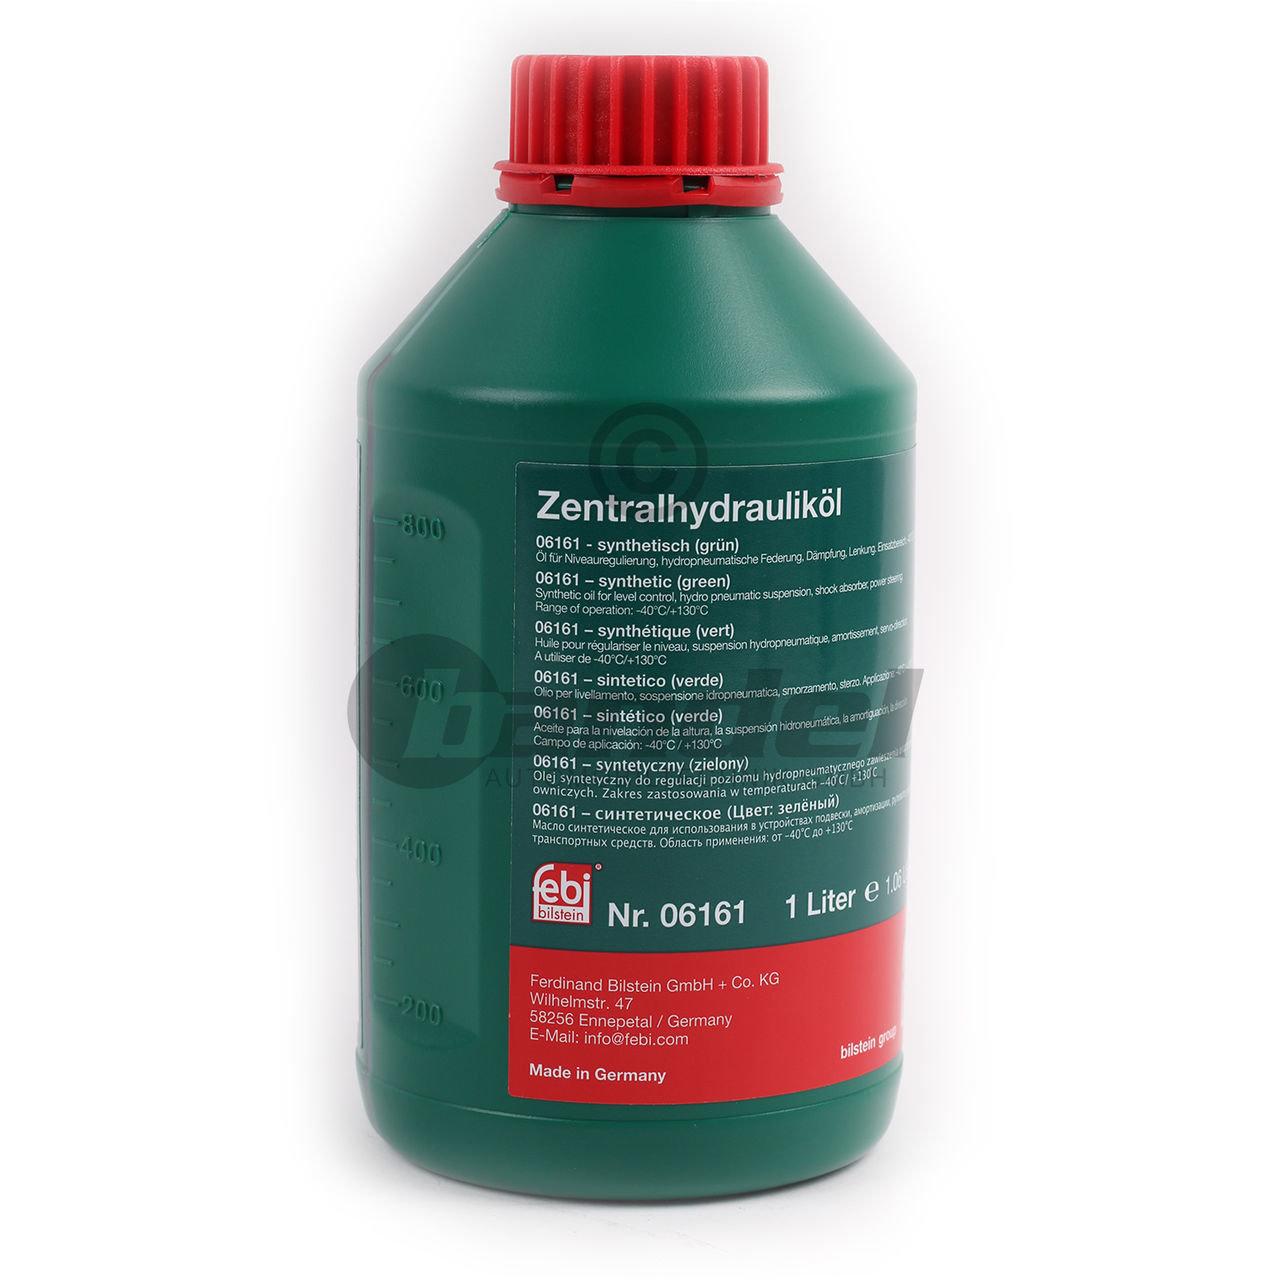 Жидкость гидроусилителя FEBI 06161 Жидкость ГУР зеленая 1л